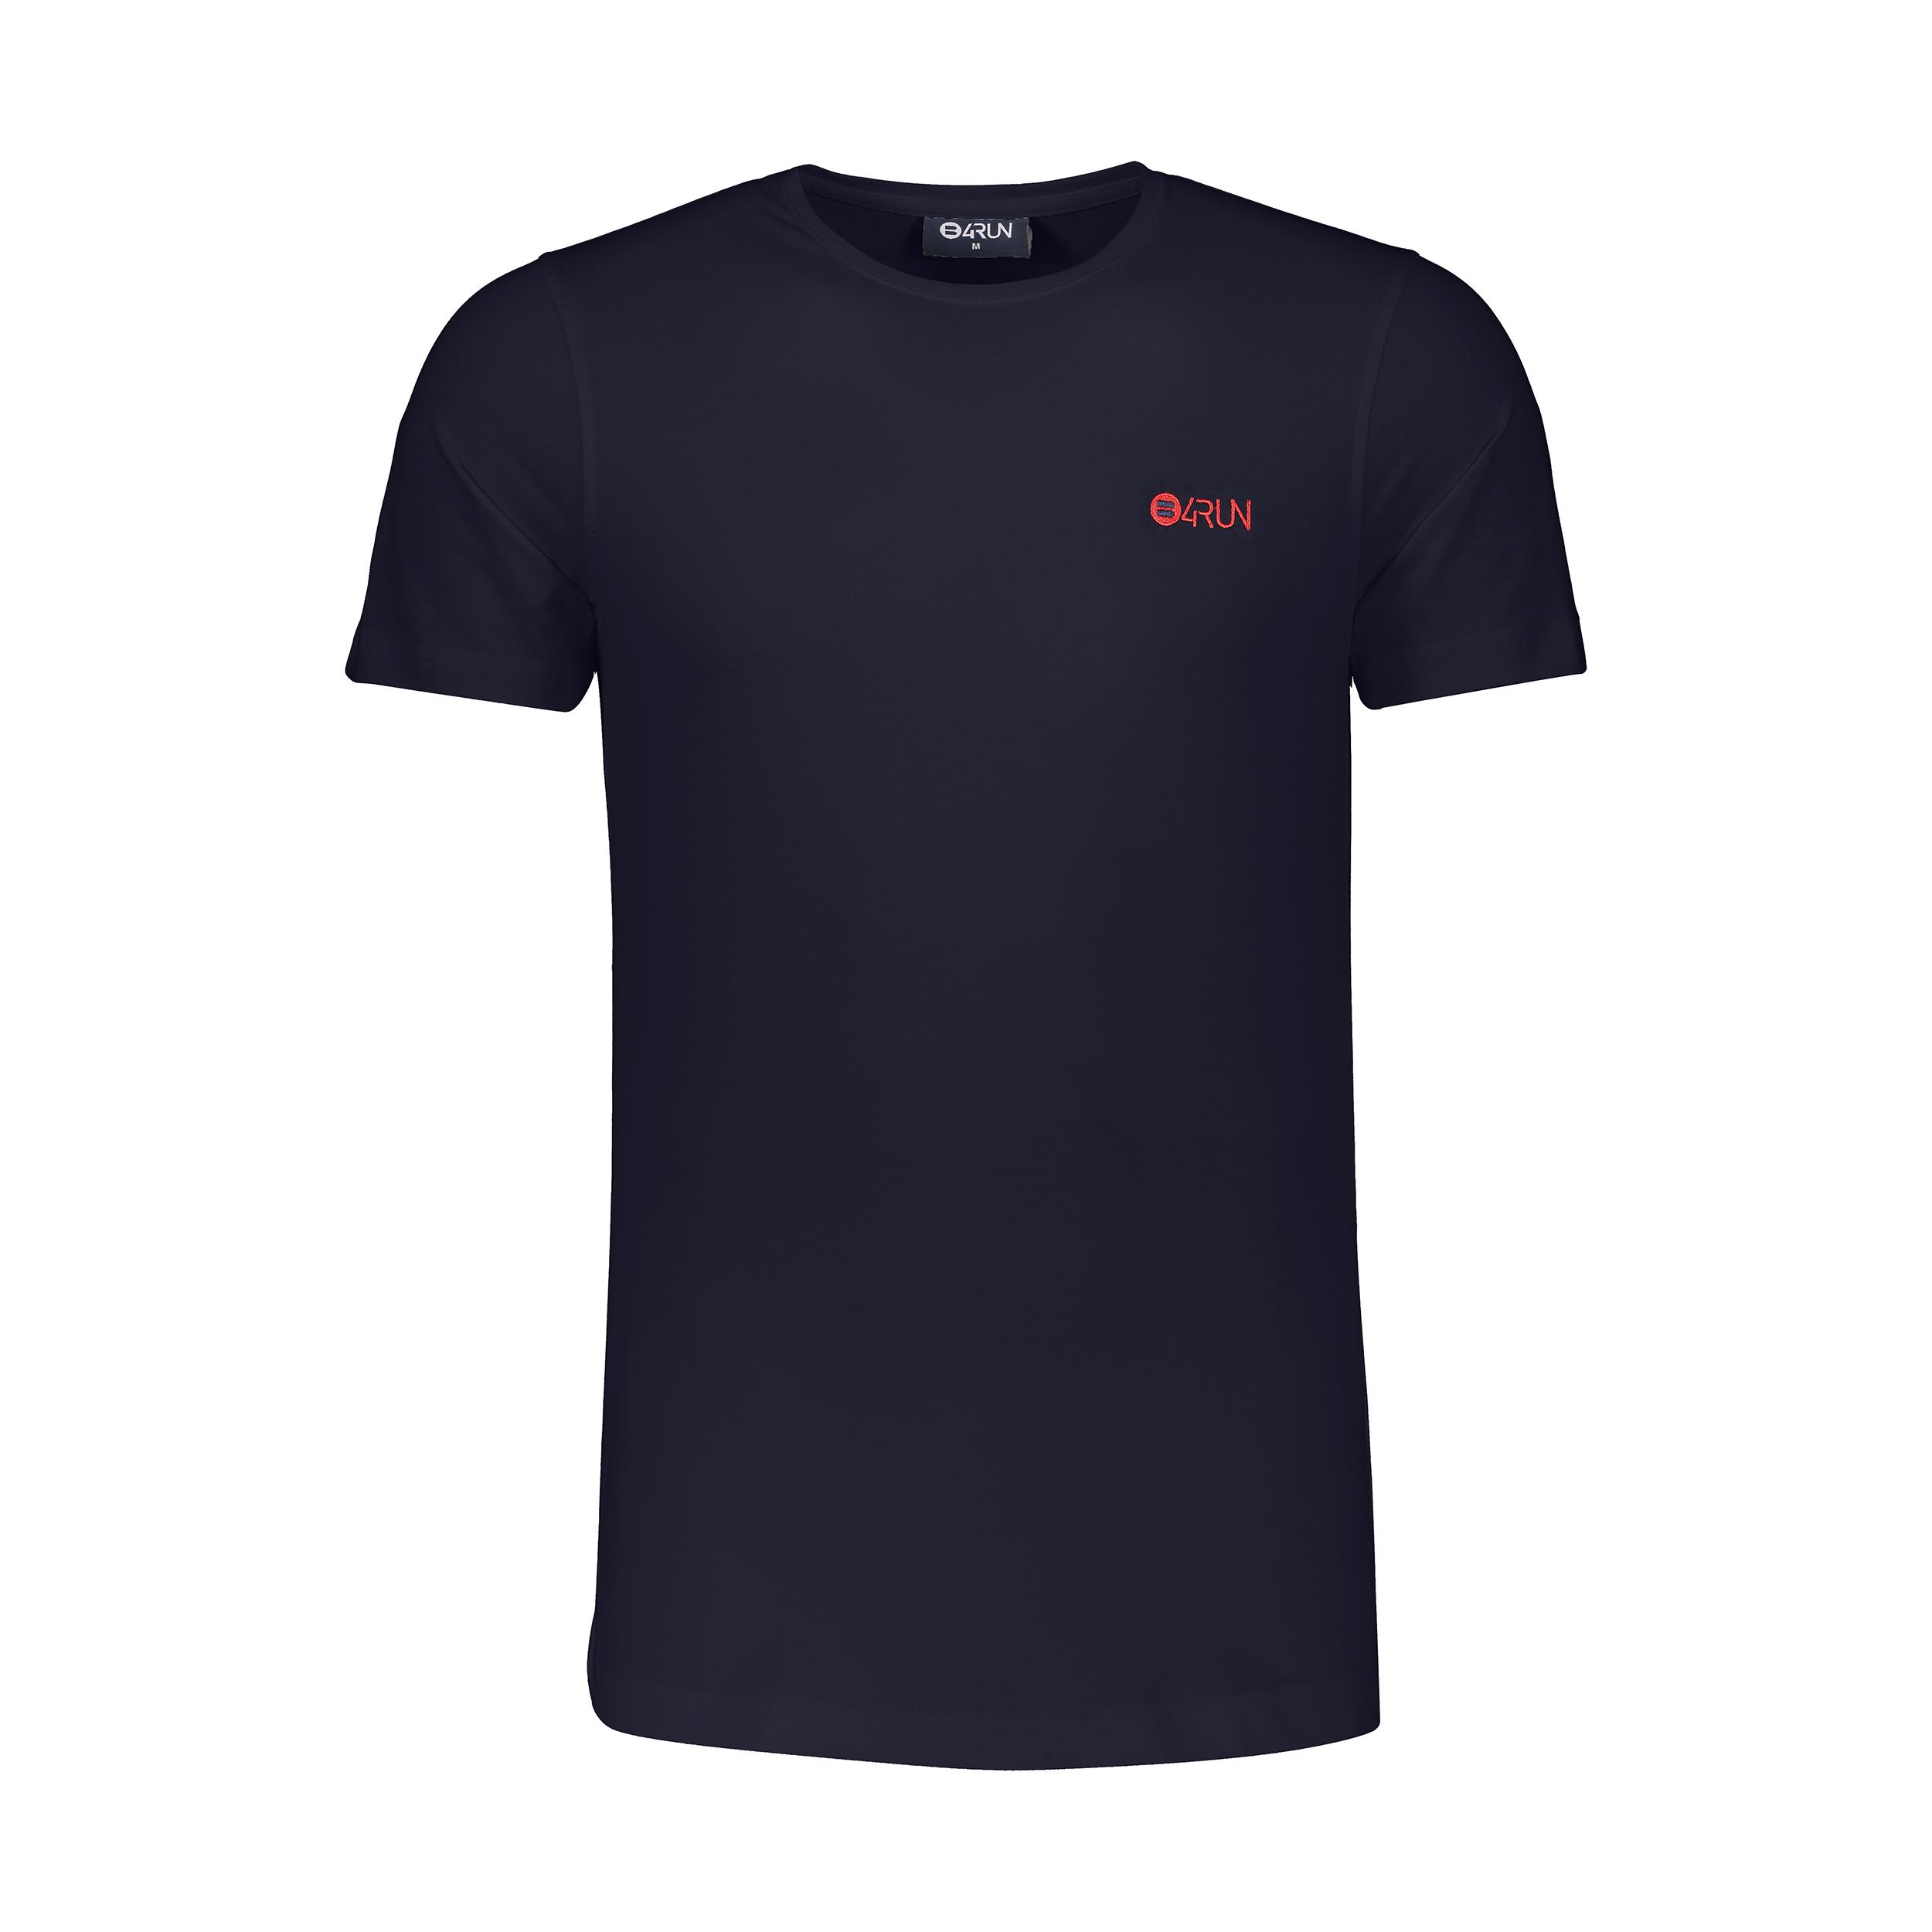 تی شرت ورزشی مردانه بی فور ران مدل 990315-59